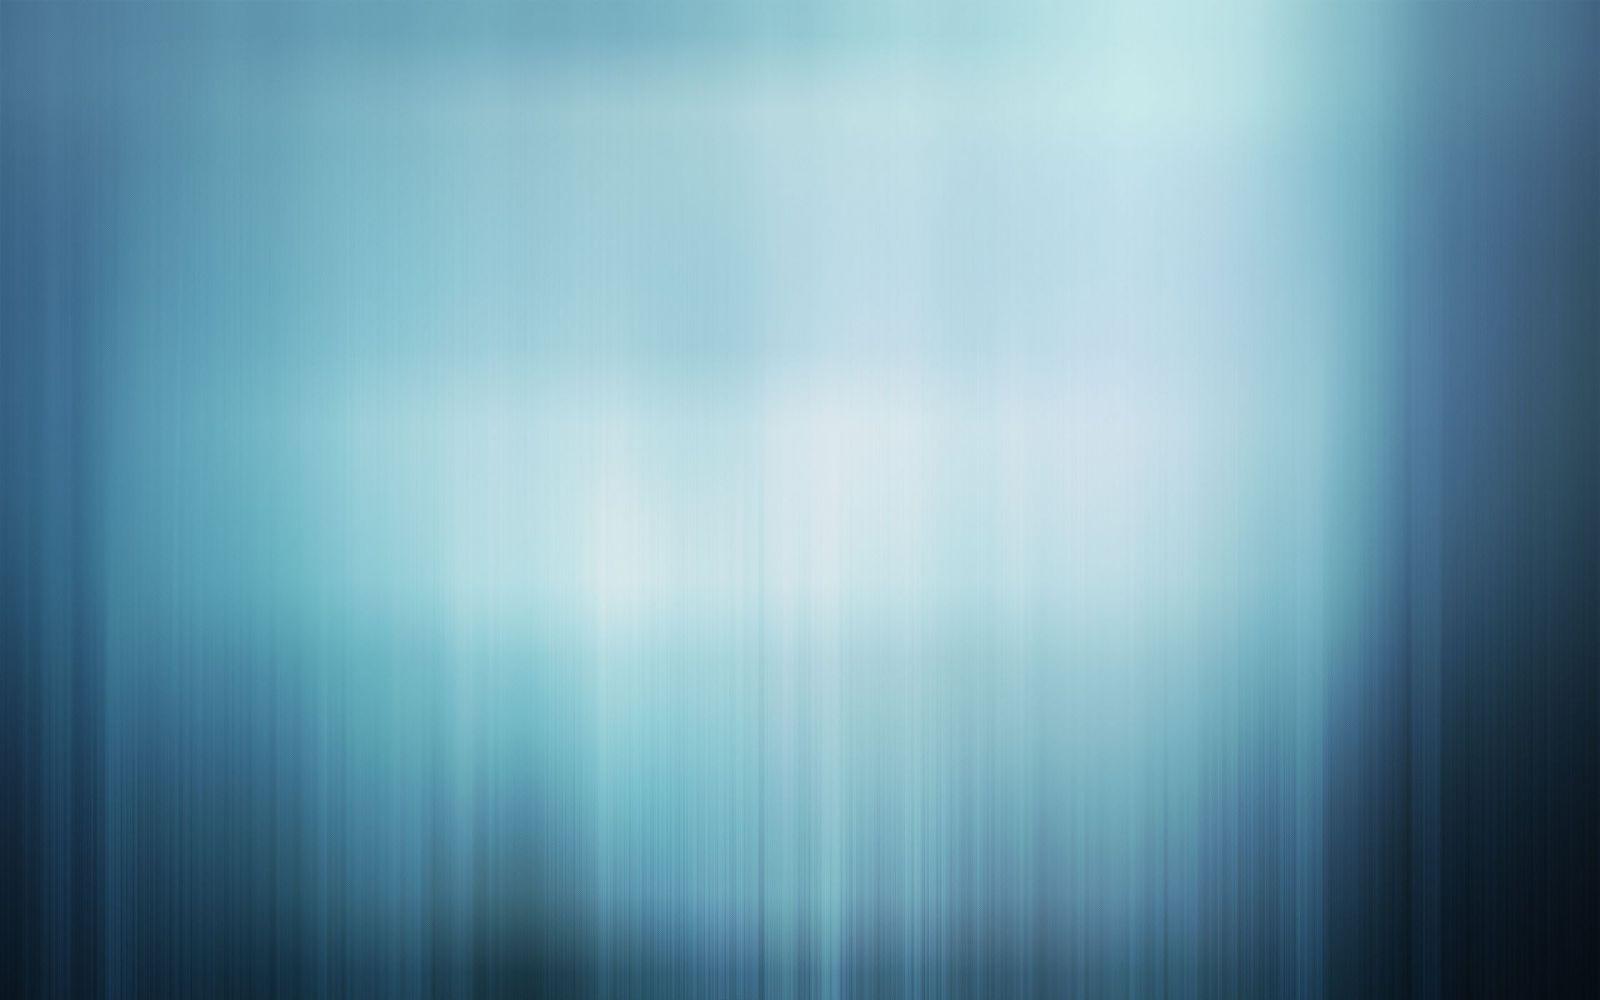 Hình nền màu xanh pastel đẹp